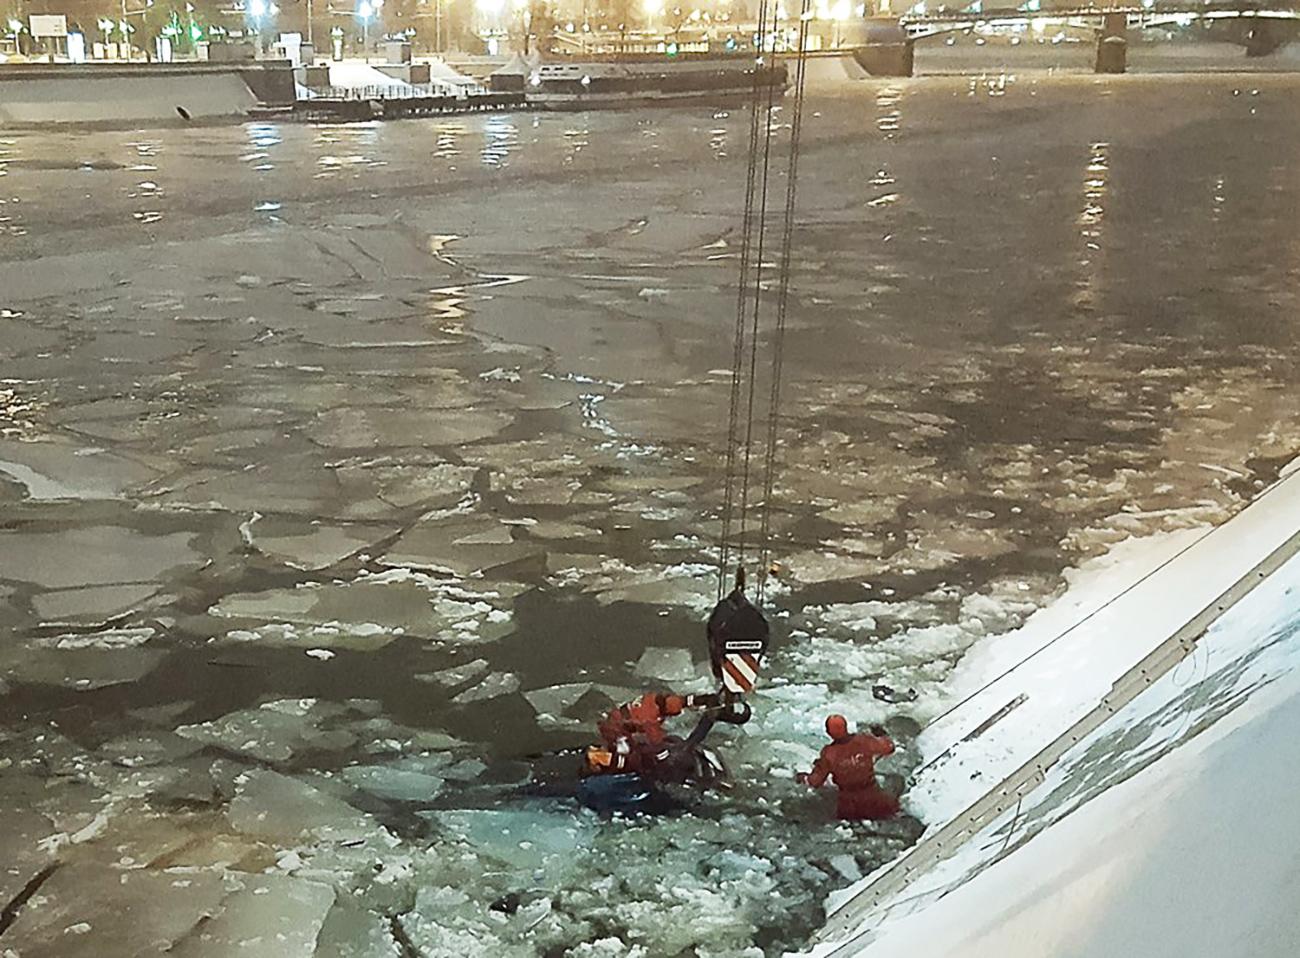 Seorang polisi segera terjun ke dalam sungai yang membeku untuk menyelamatkan sang korban.